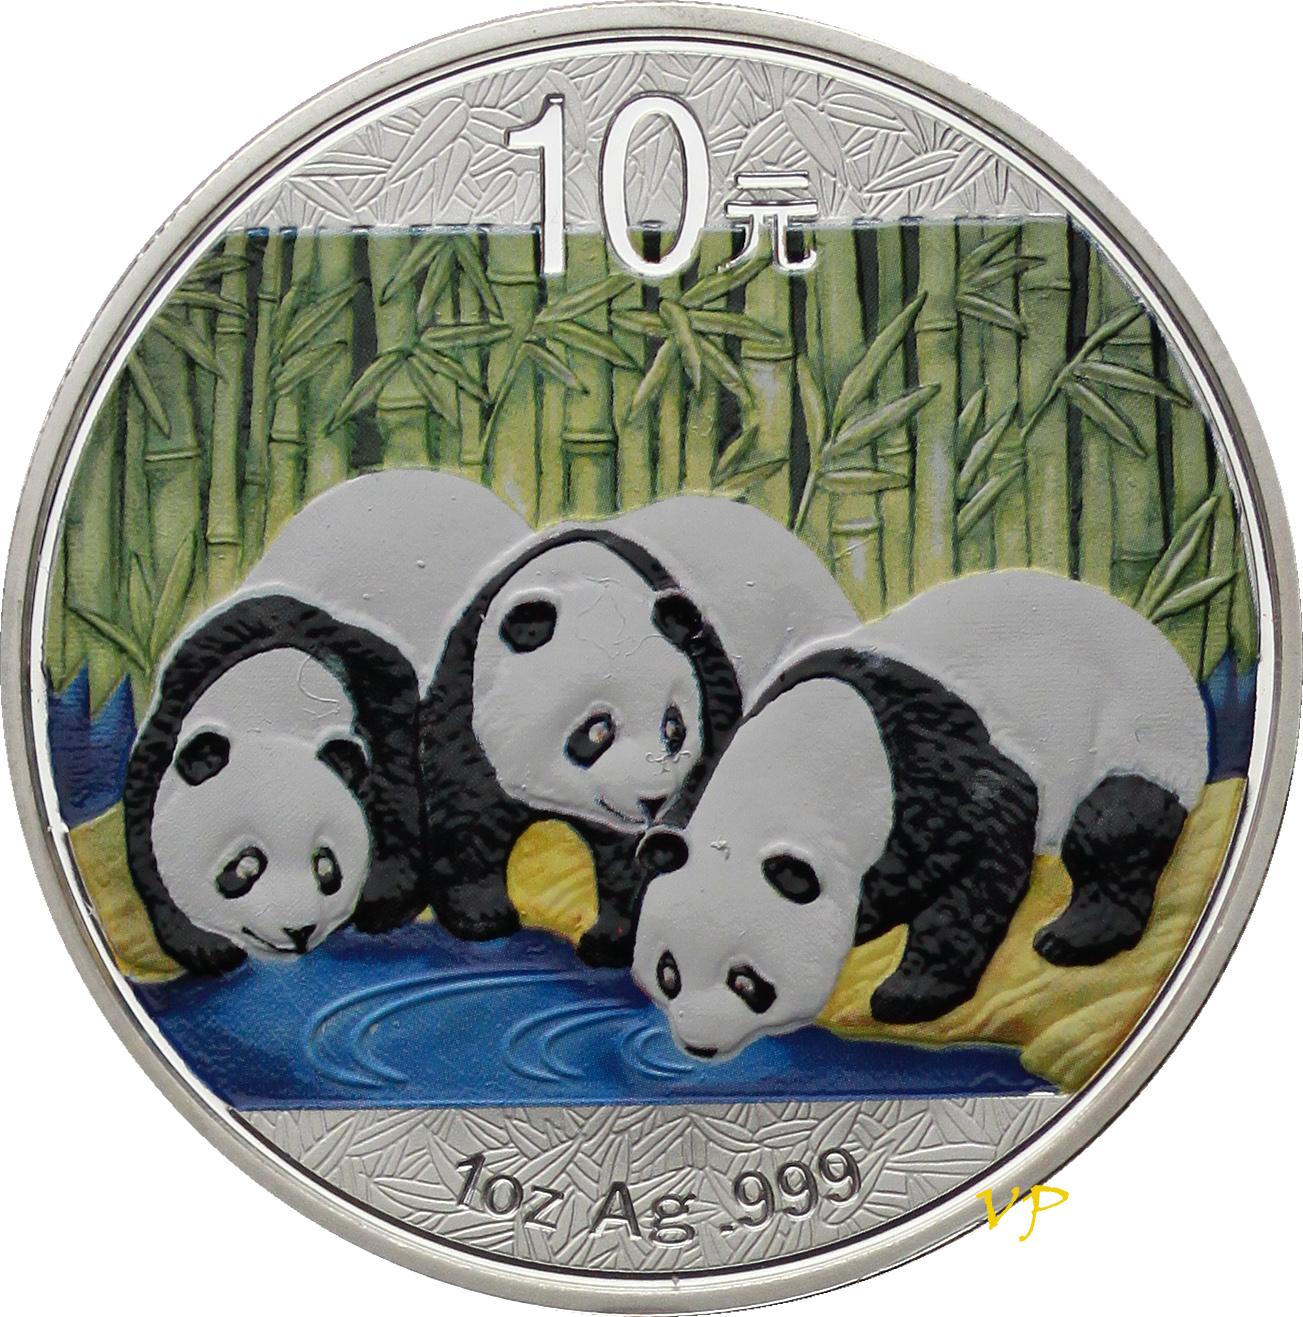 Chiny, 10 Yuan Panda 2013 r.